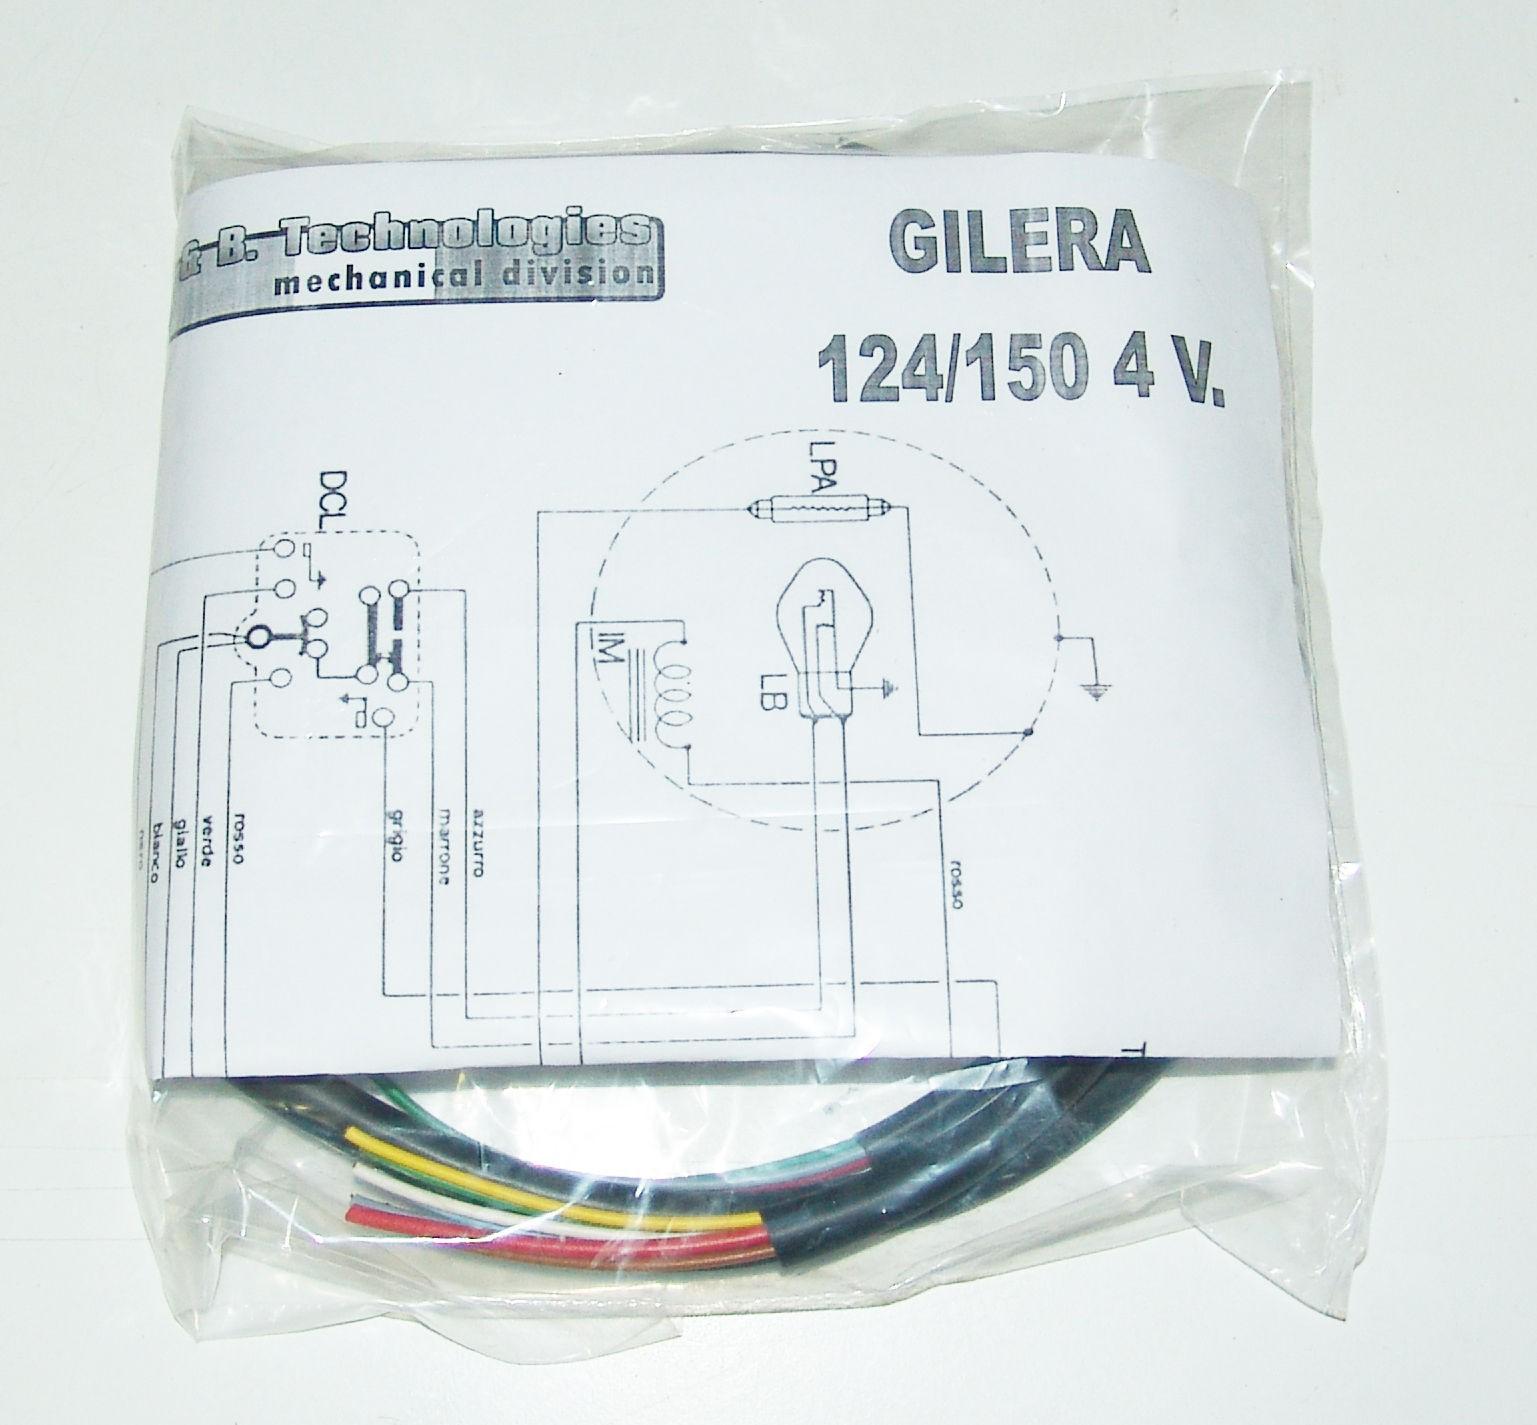 Schema Elettrico : Impianti elettrici moto impianto elettrico electrical wiring